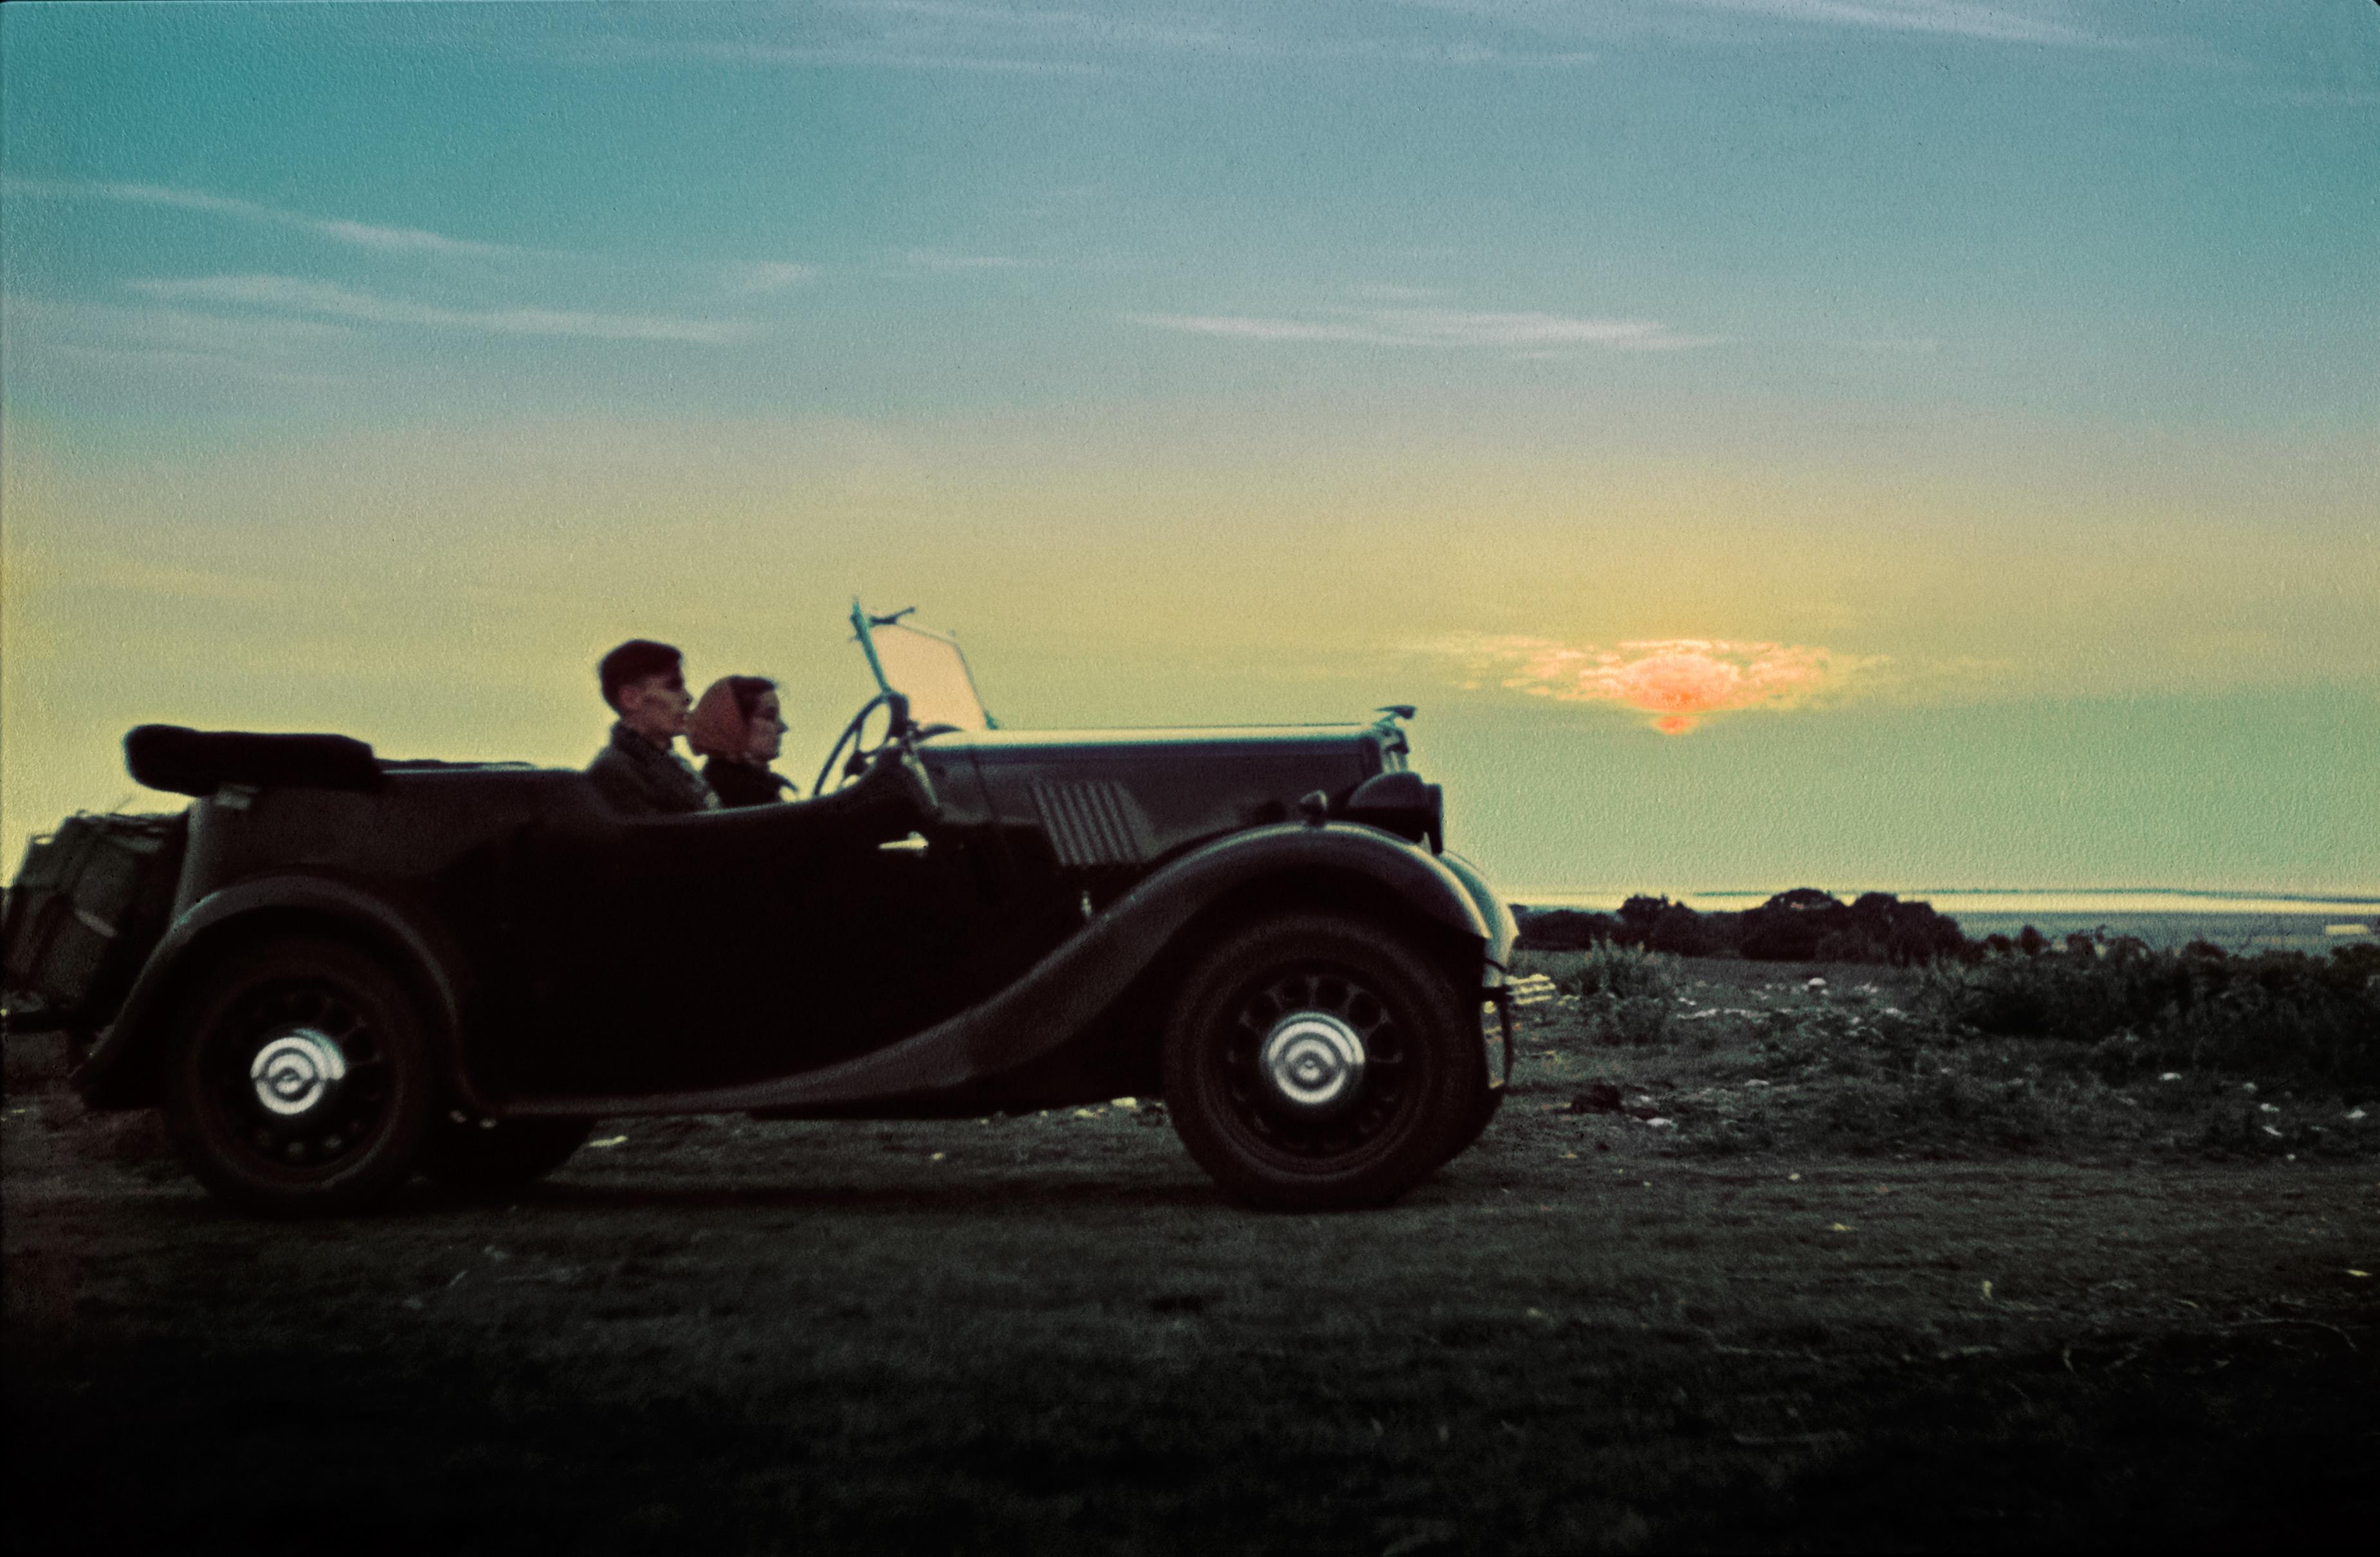 Trọn bộ ảnh quý về kỳ nghỉ trăng mật trước chiến tranh thế giới thứ 2 10